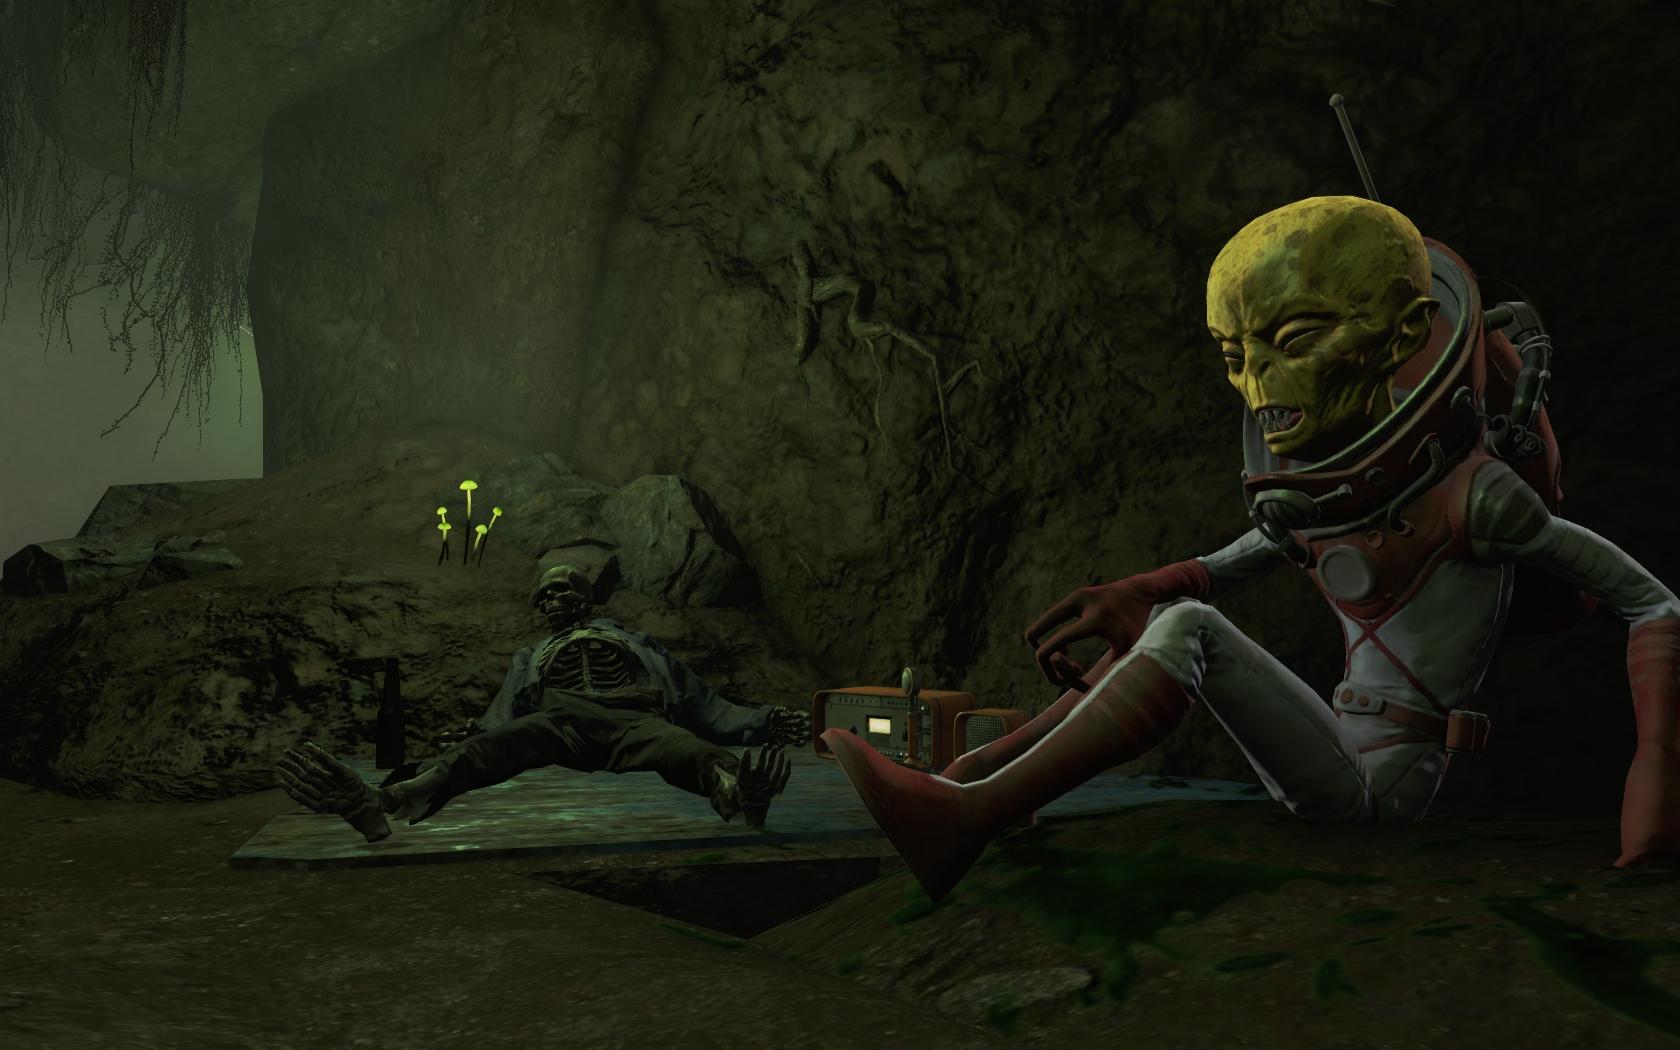 Чужой в пещере (юго-восточнее Станции Оберленд) #2 - Fallout 4 Дзетанец, Оберленд, пещера, Чужой